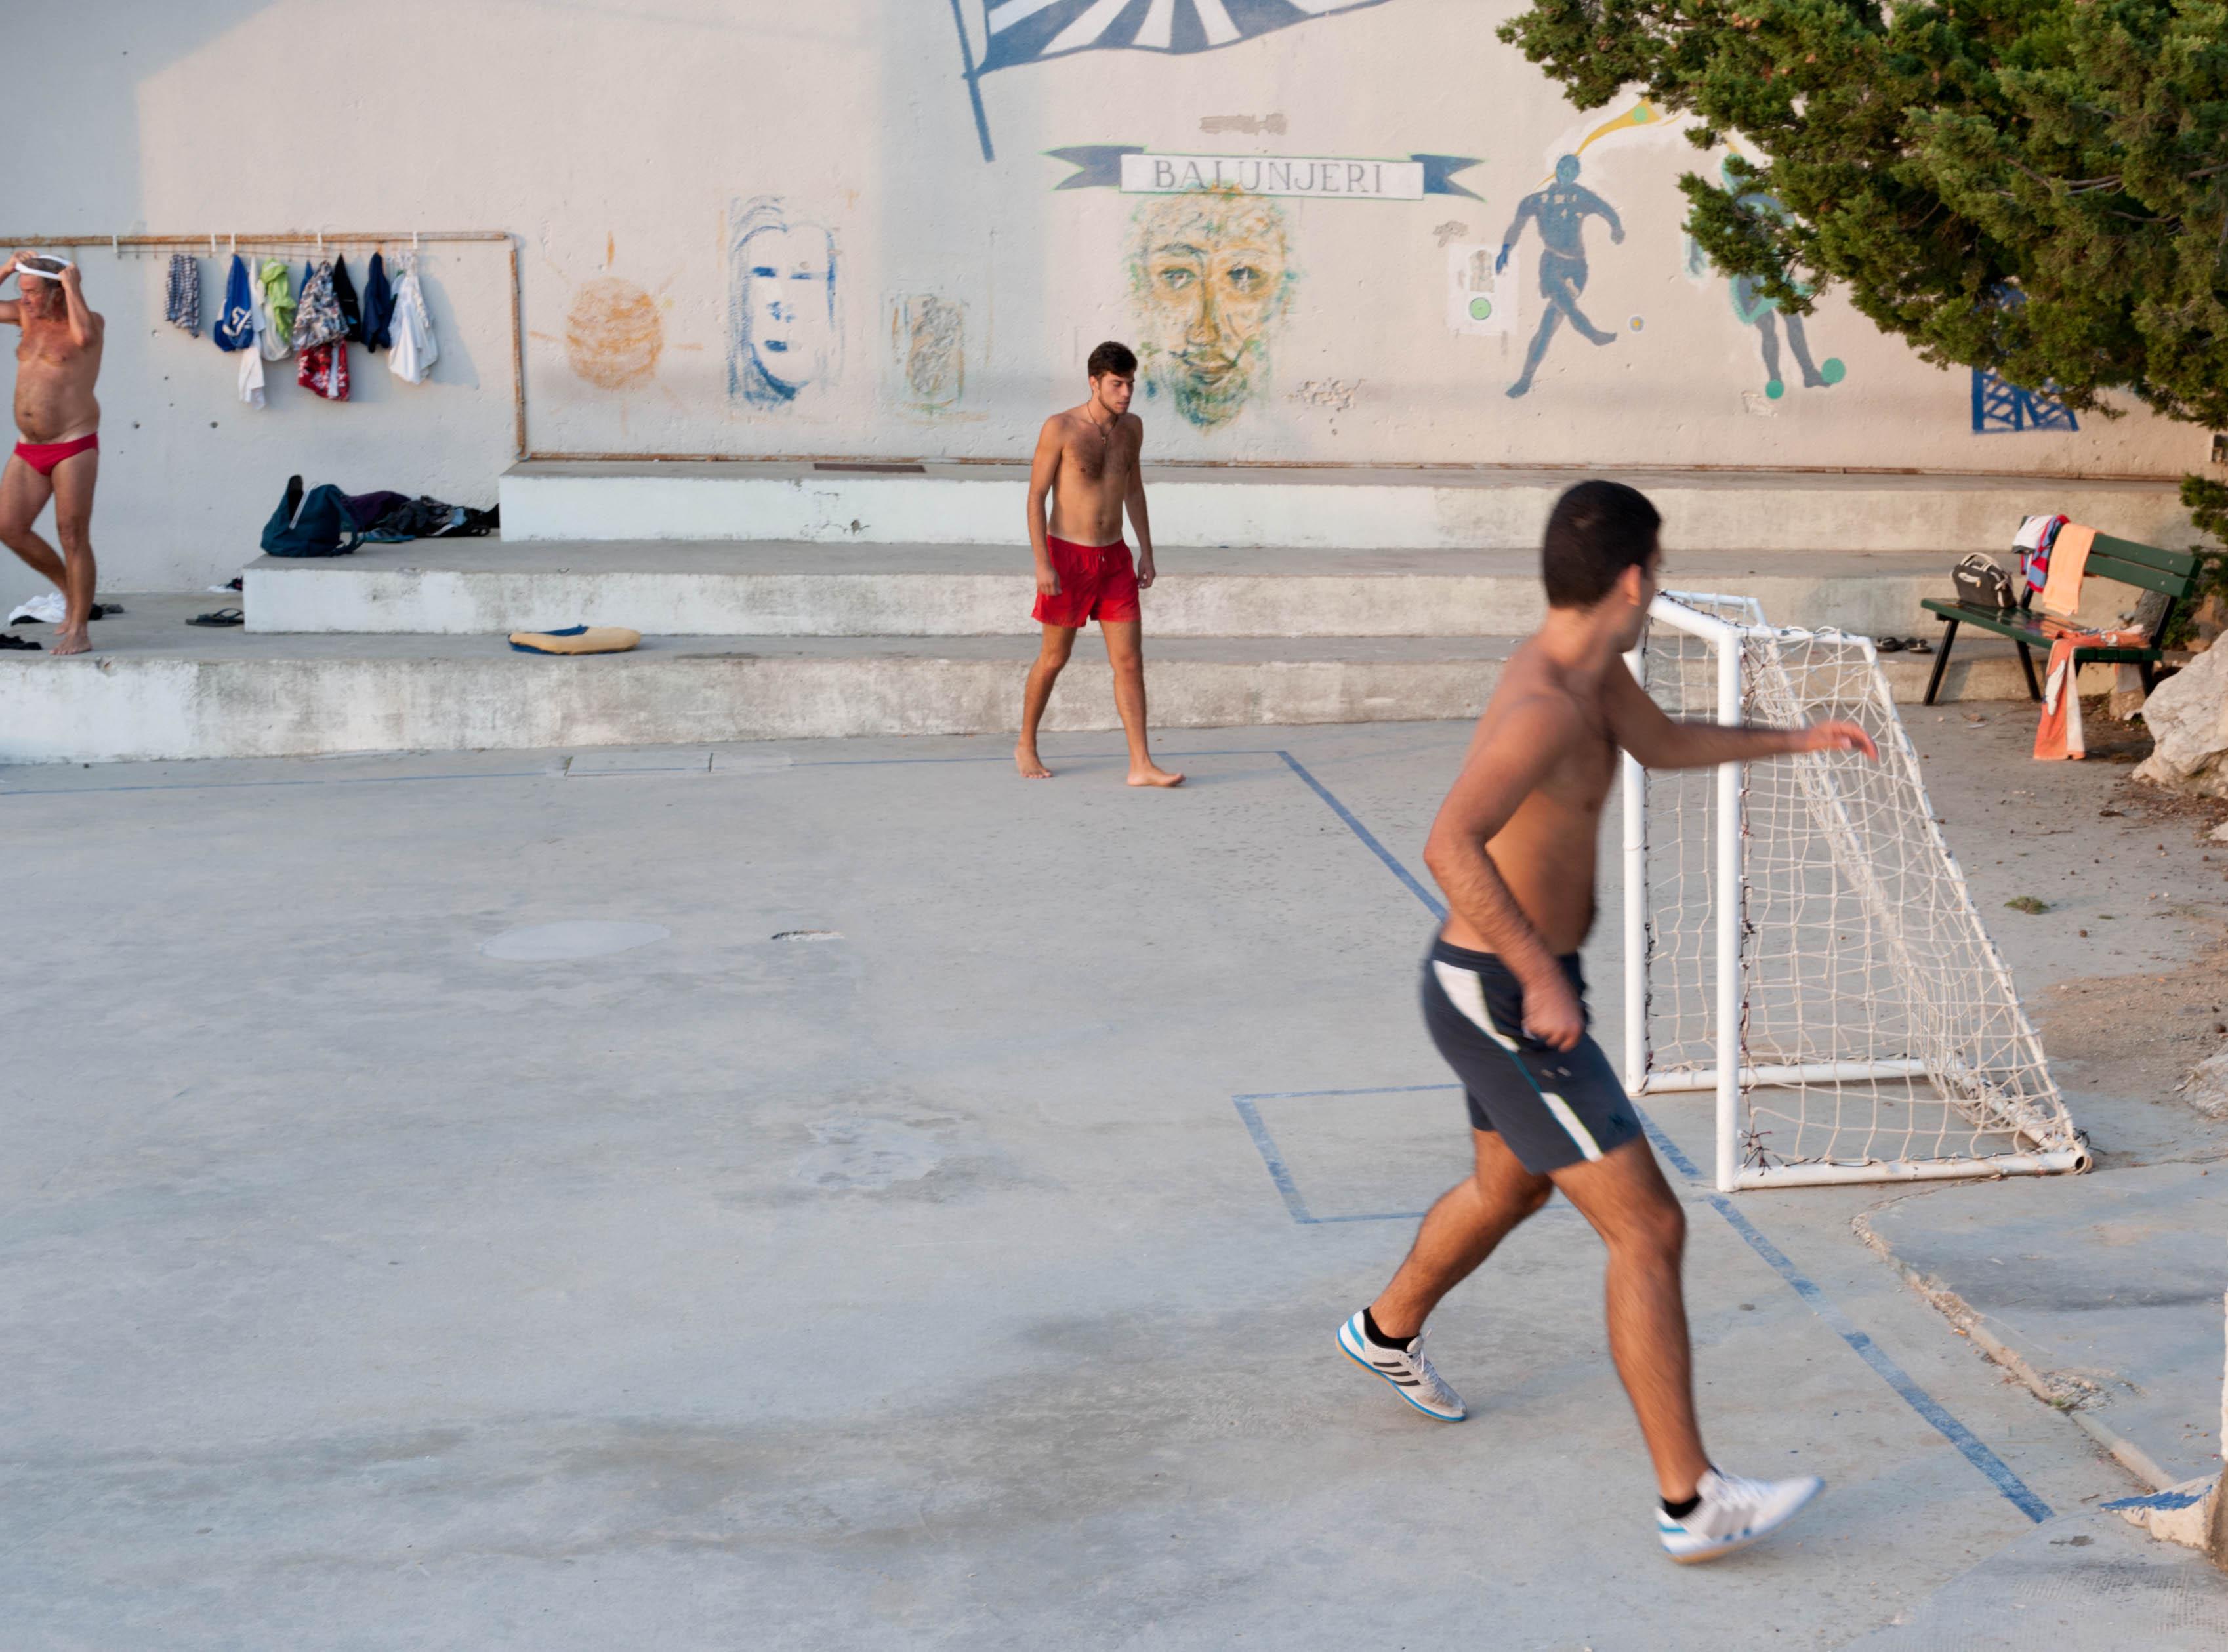 0319-Split - Jadran Balunjeri club house (Dalmatie centrale)